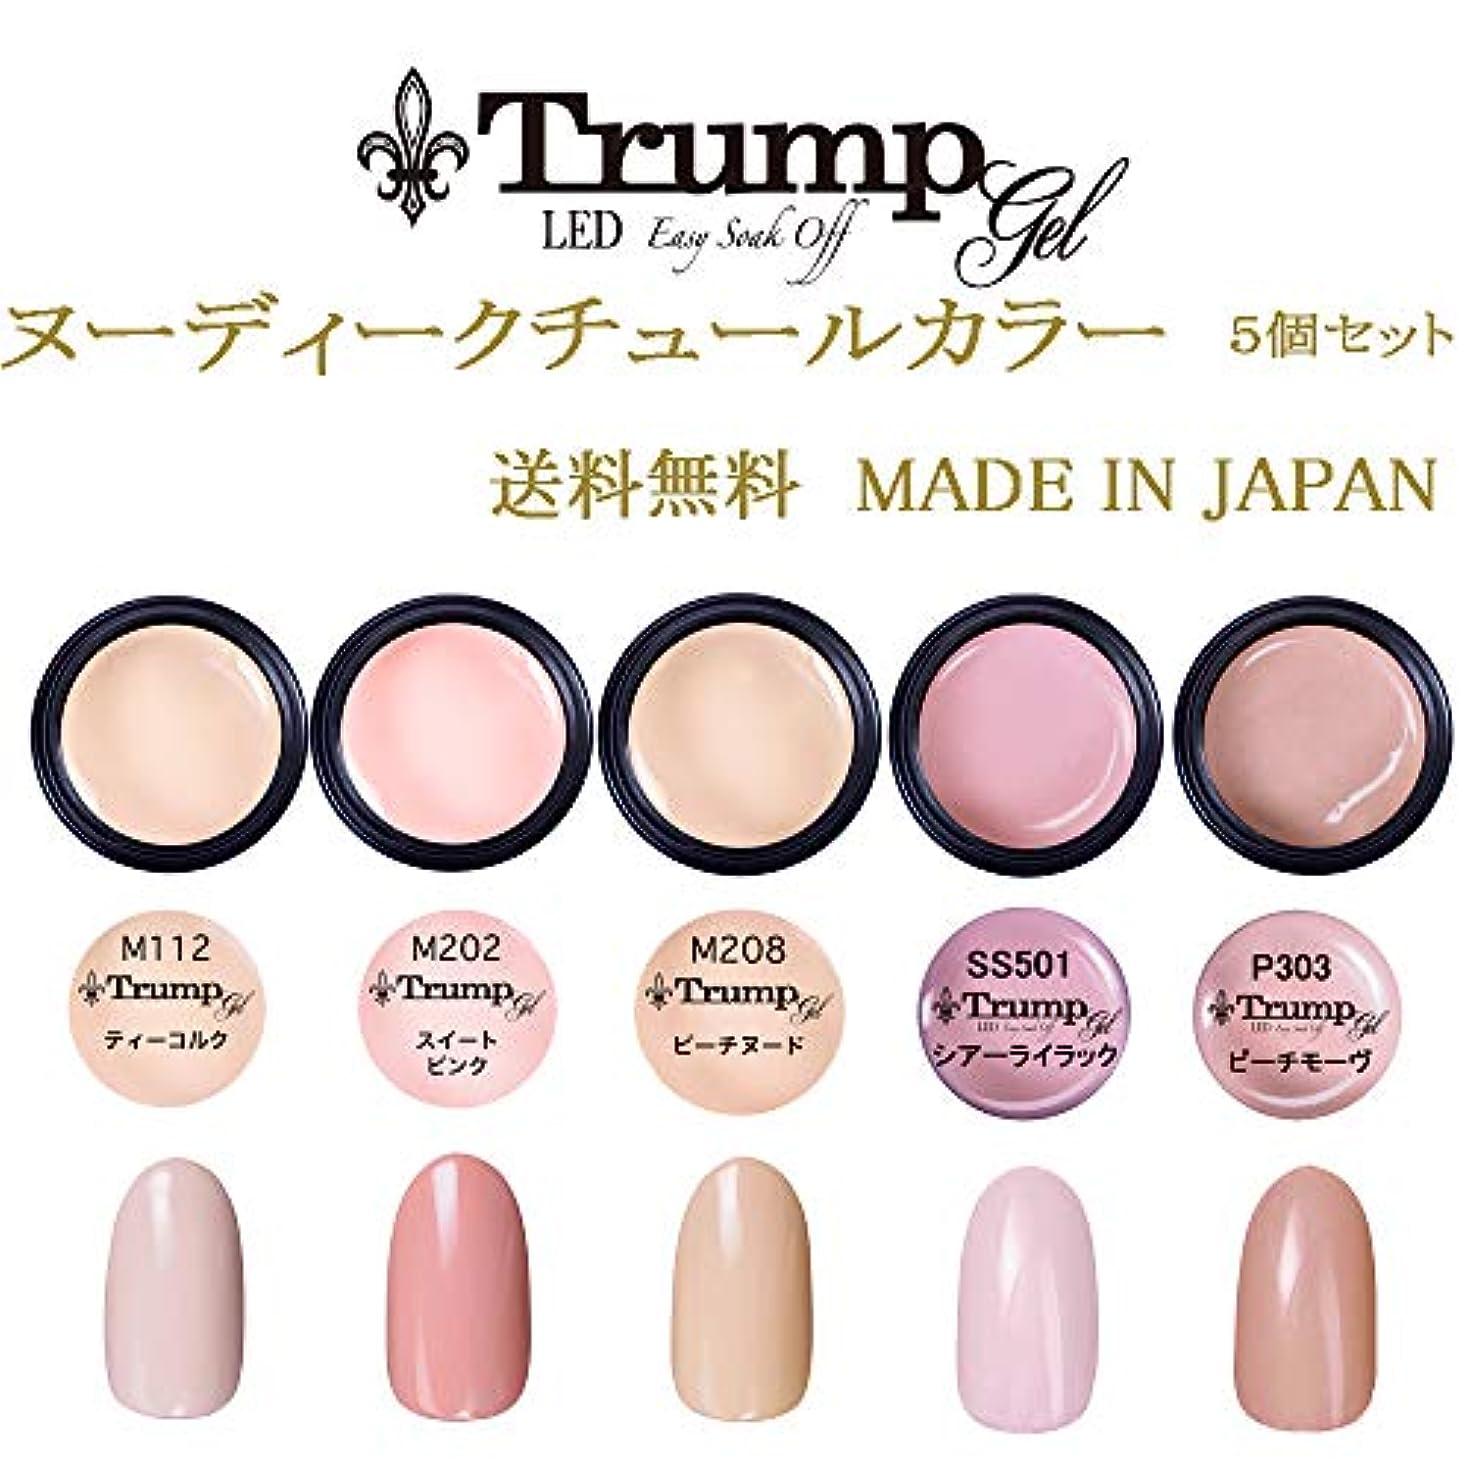 依存海峡ひもランプ【送料無料】日本製 Trump gel トランプジェルヌーディクチュールカラージェル 5個セット肌馴染みの良い ヌーデイクチュールカラージェルセット